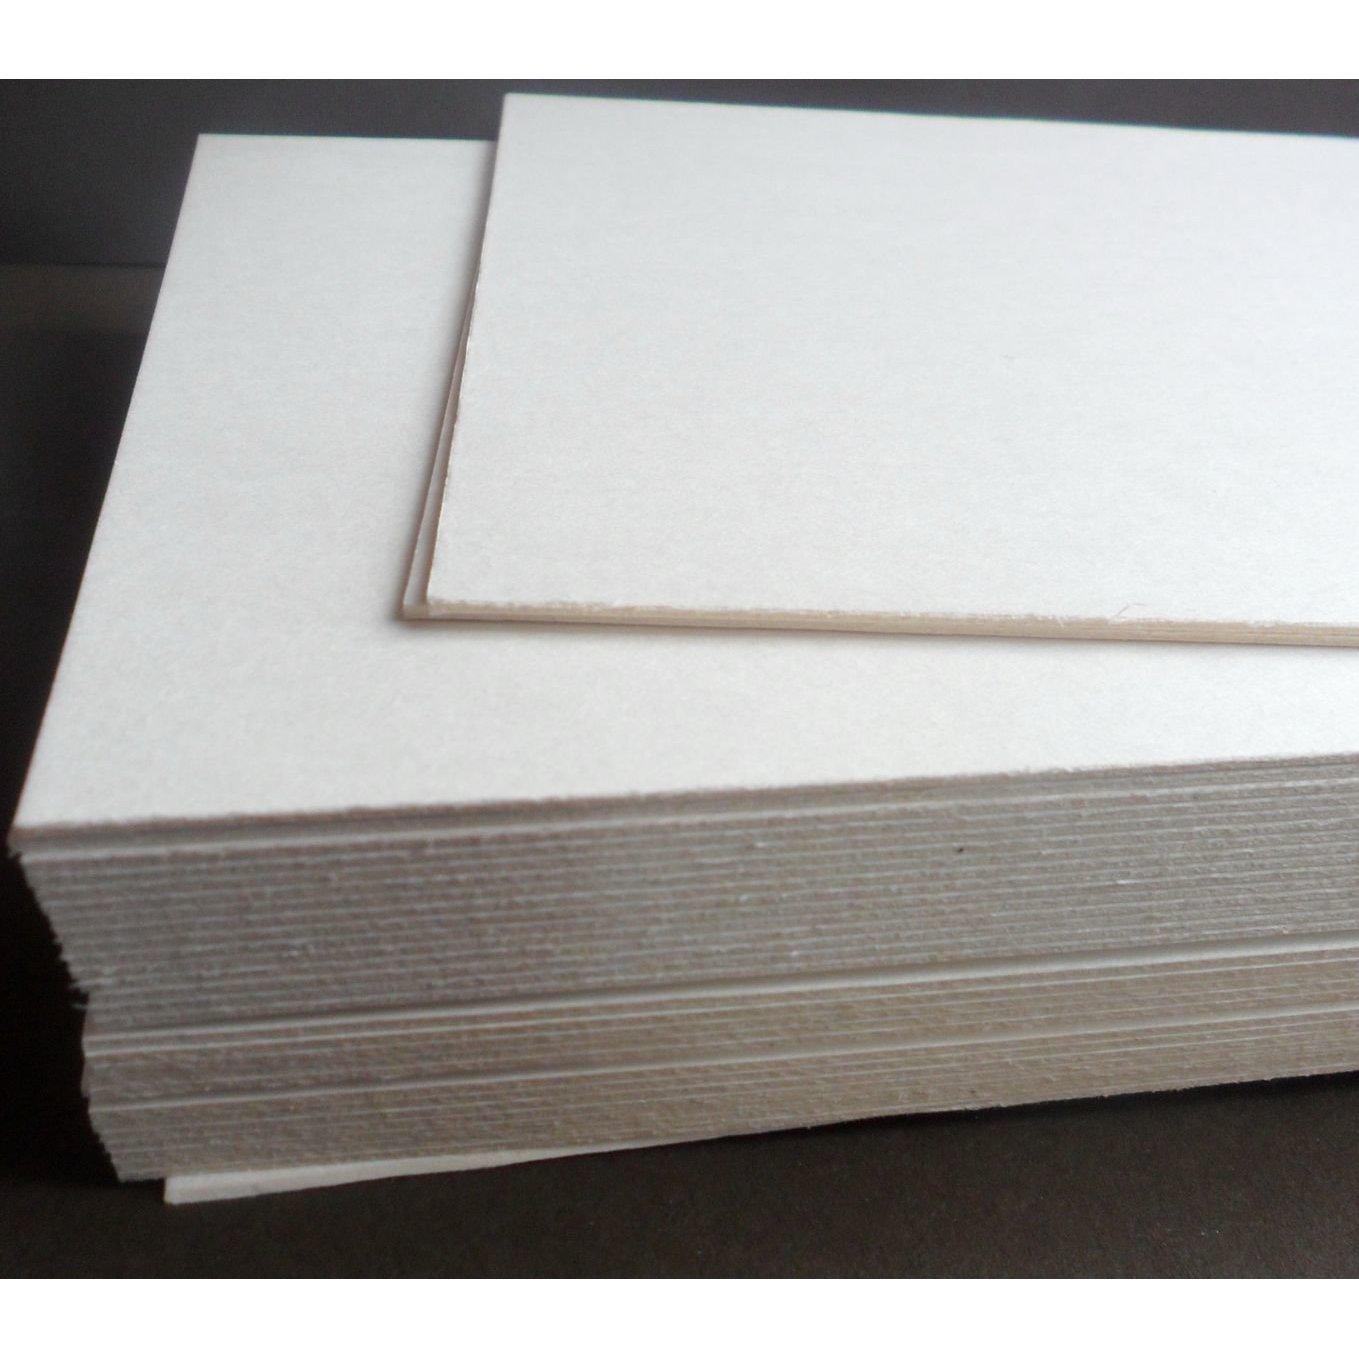 черного картинка плотный картон учеников для учителей